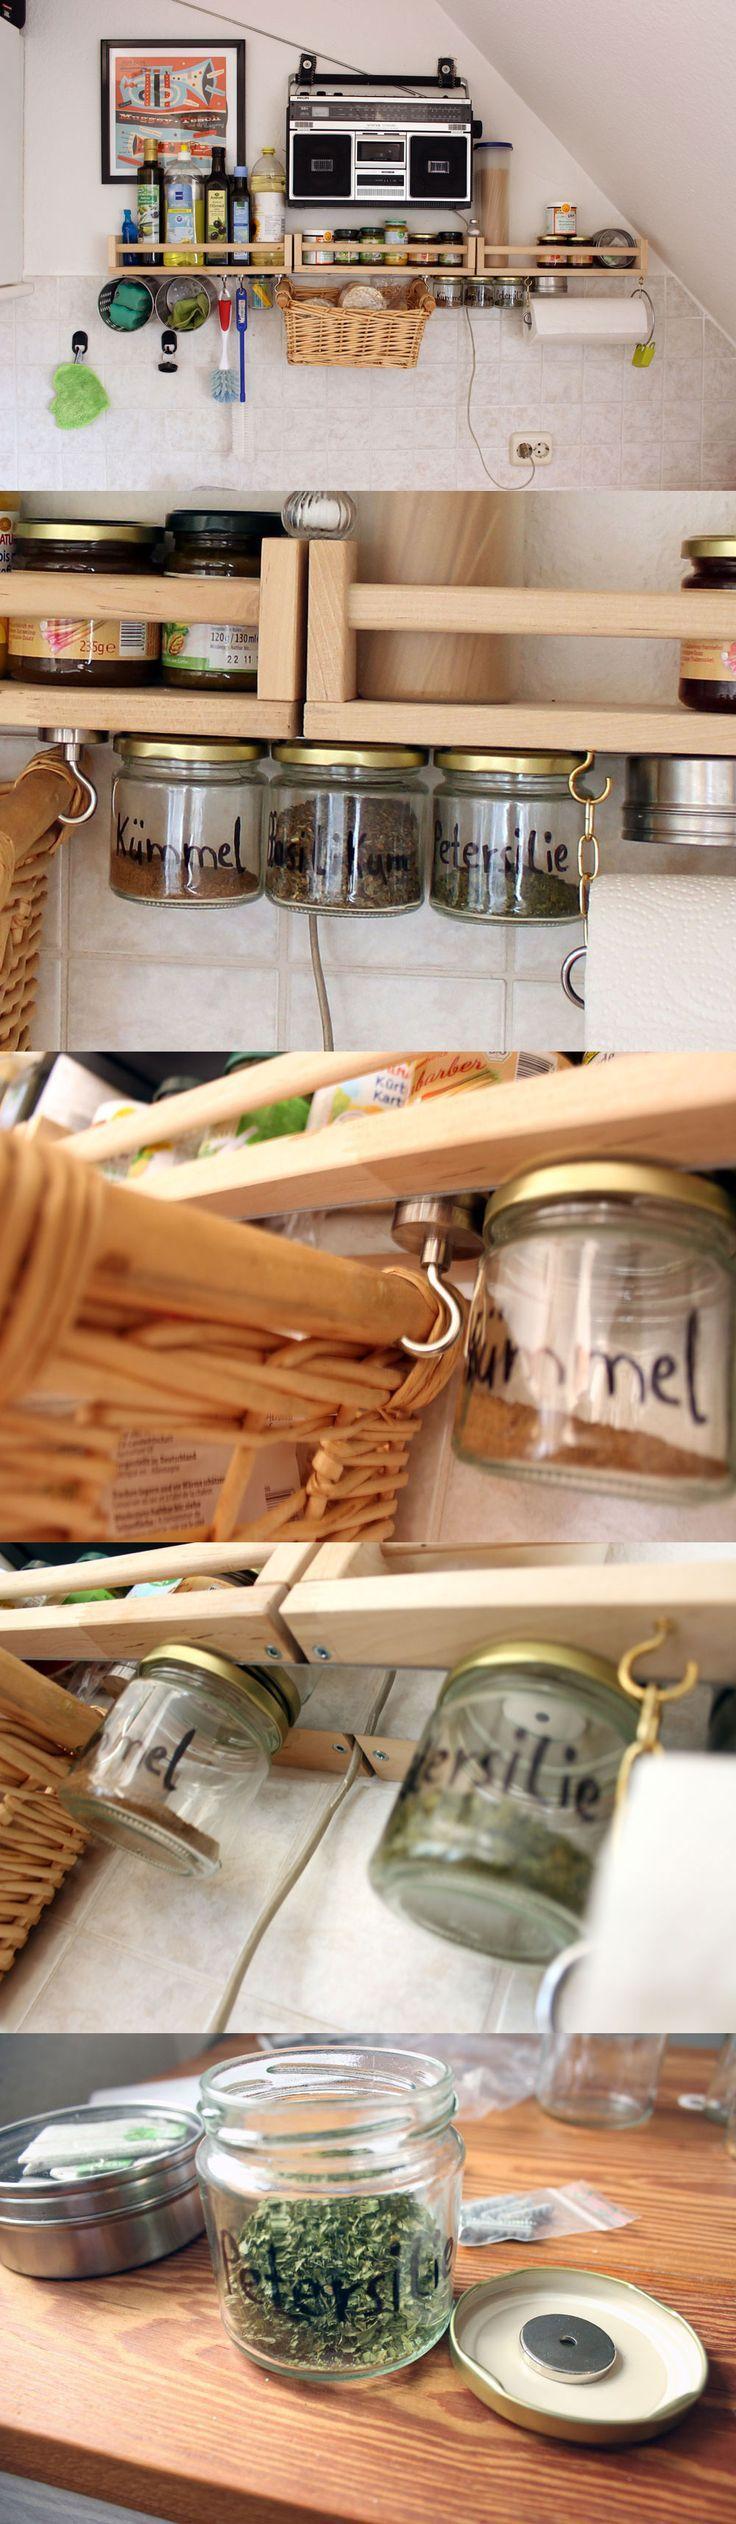 Küche organisieren mit Organising a tiny kitchen